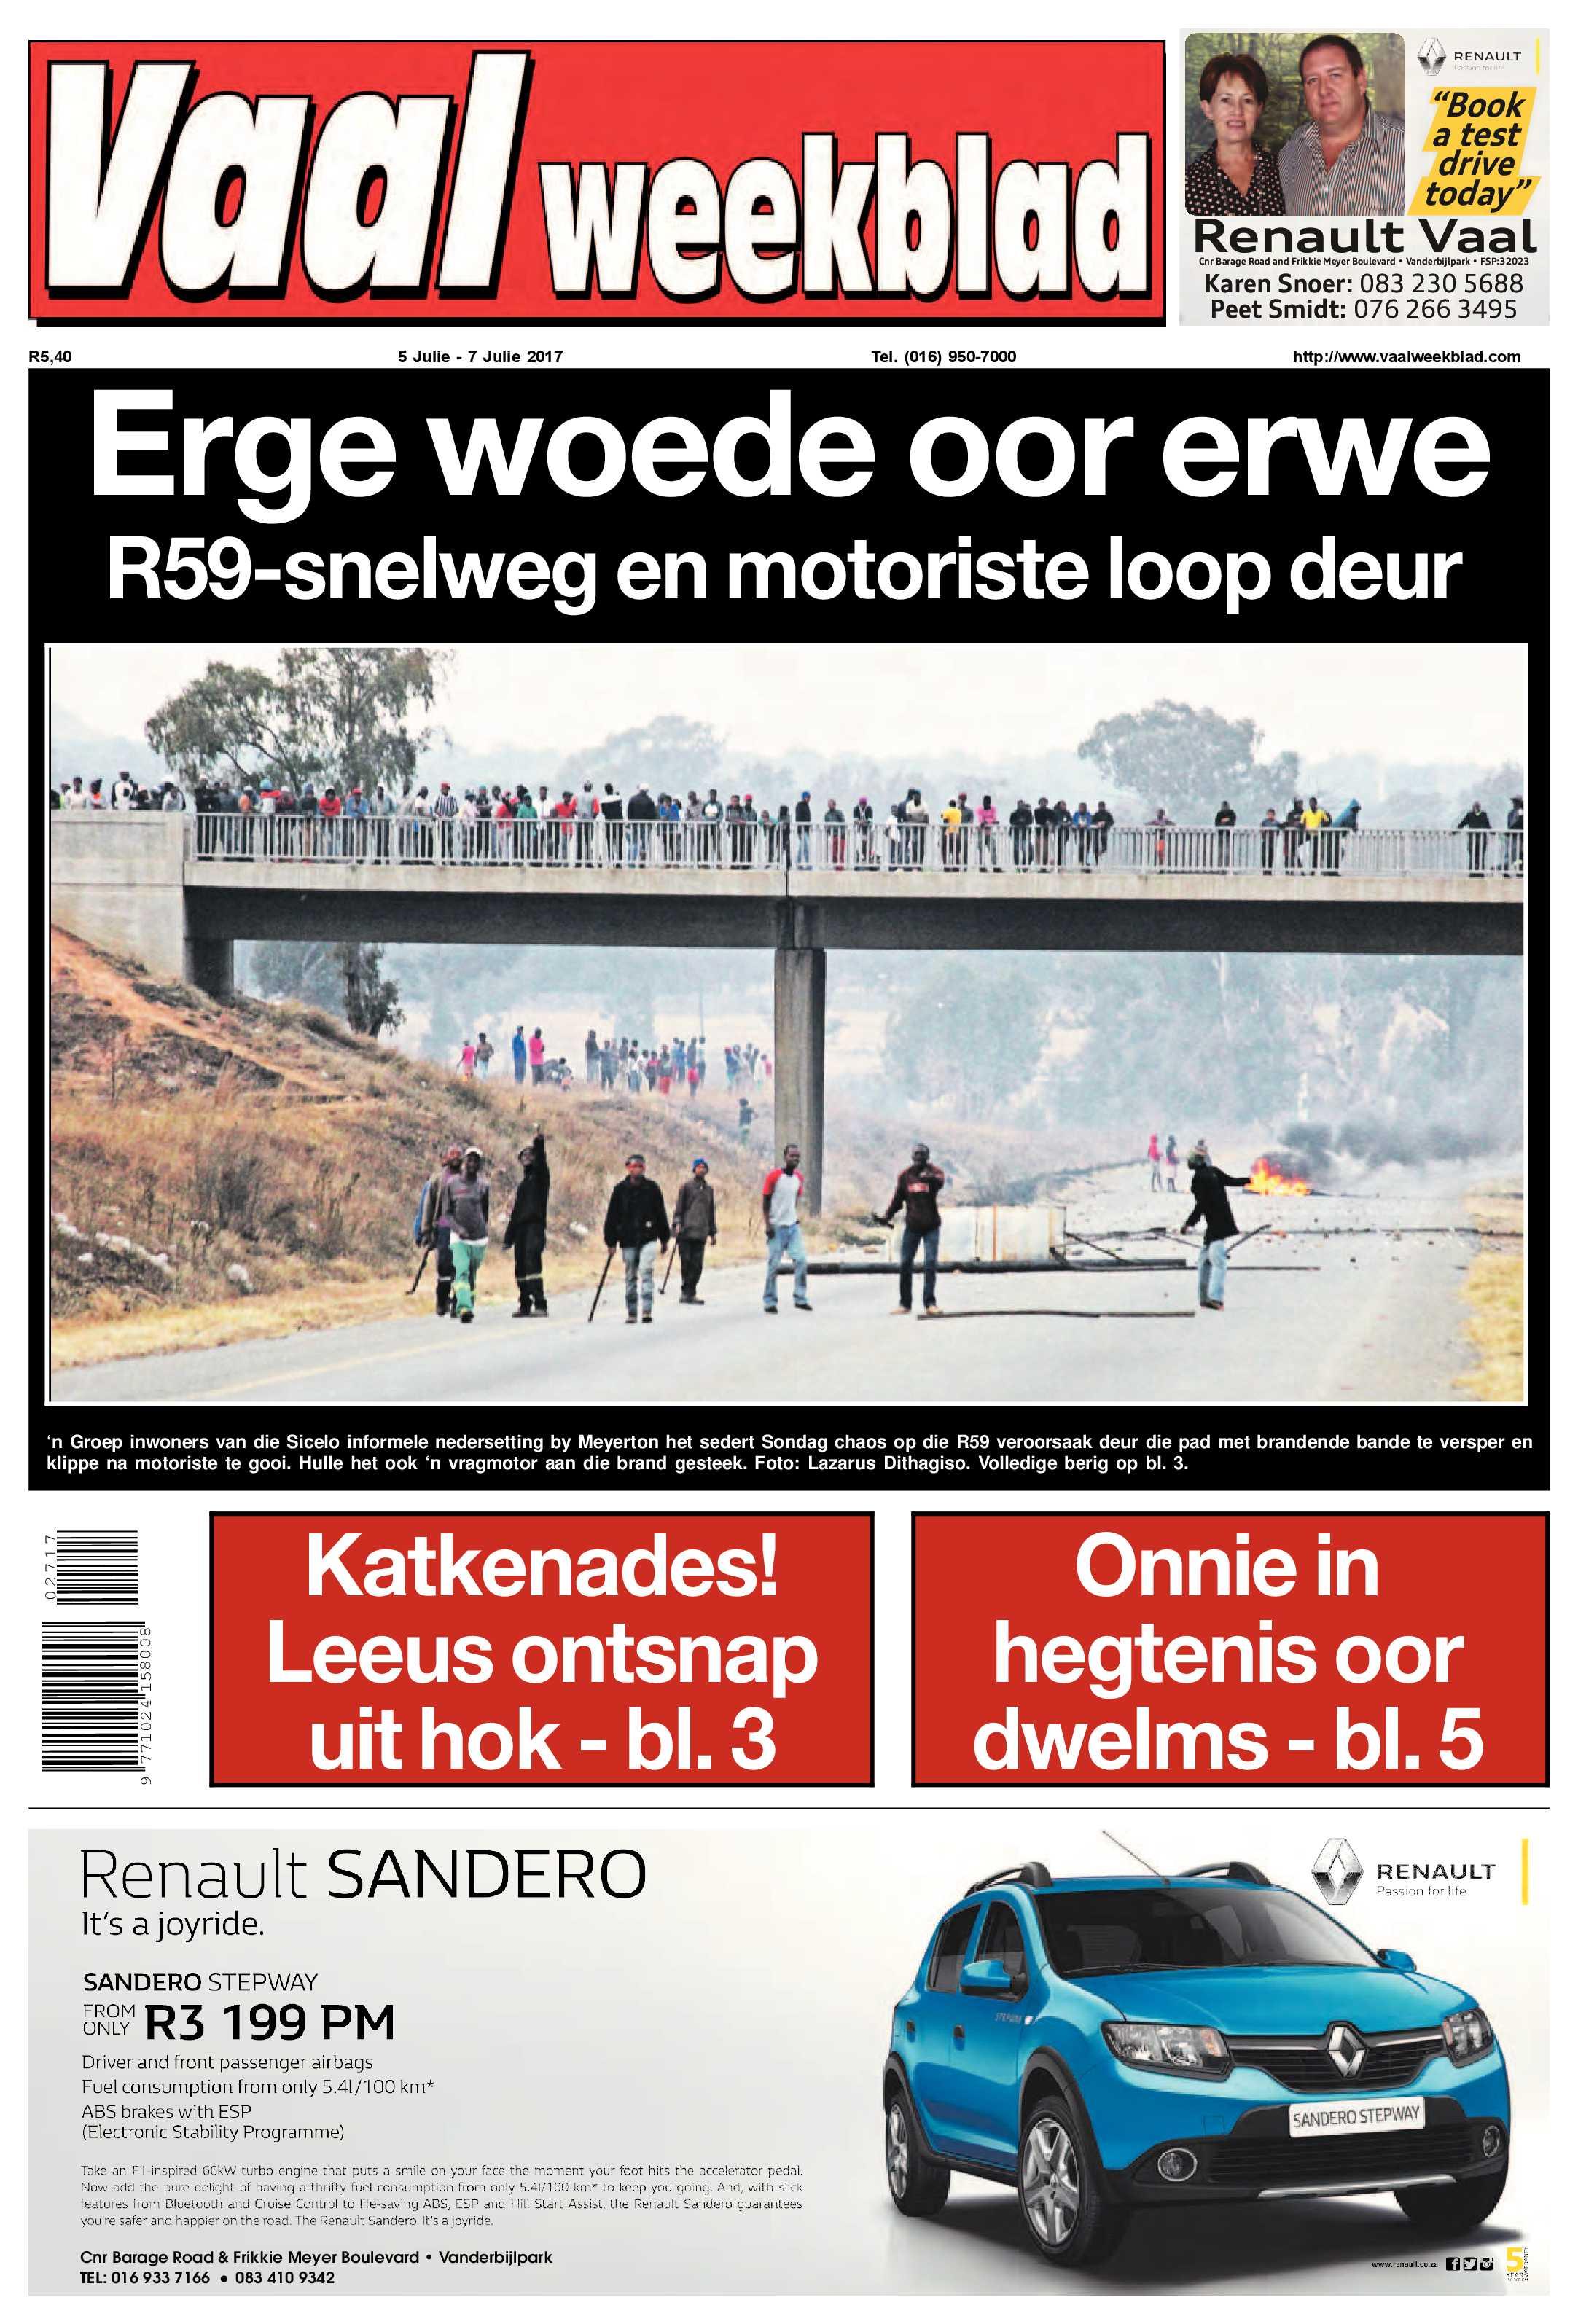 vaalweekblad-5-7-julie-2017-epapers-page-1